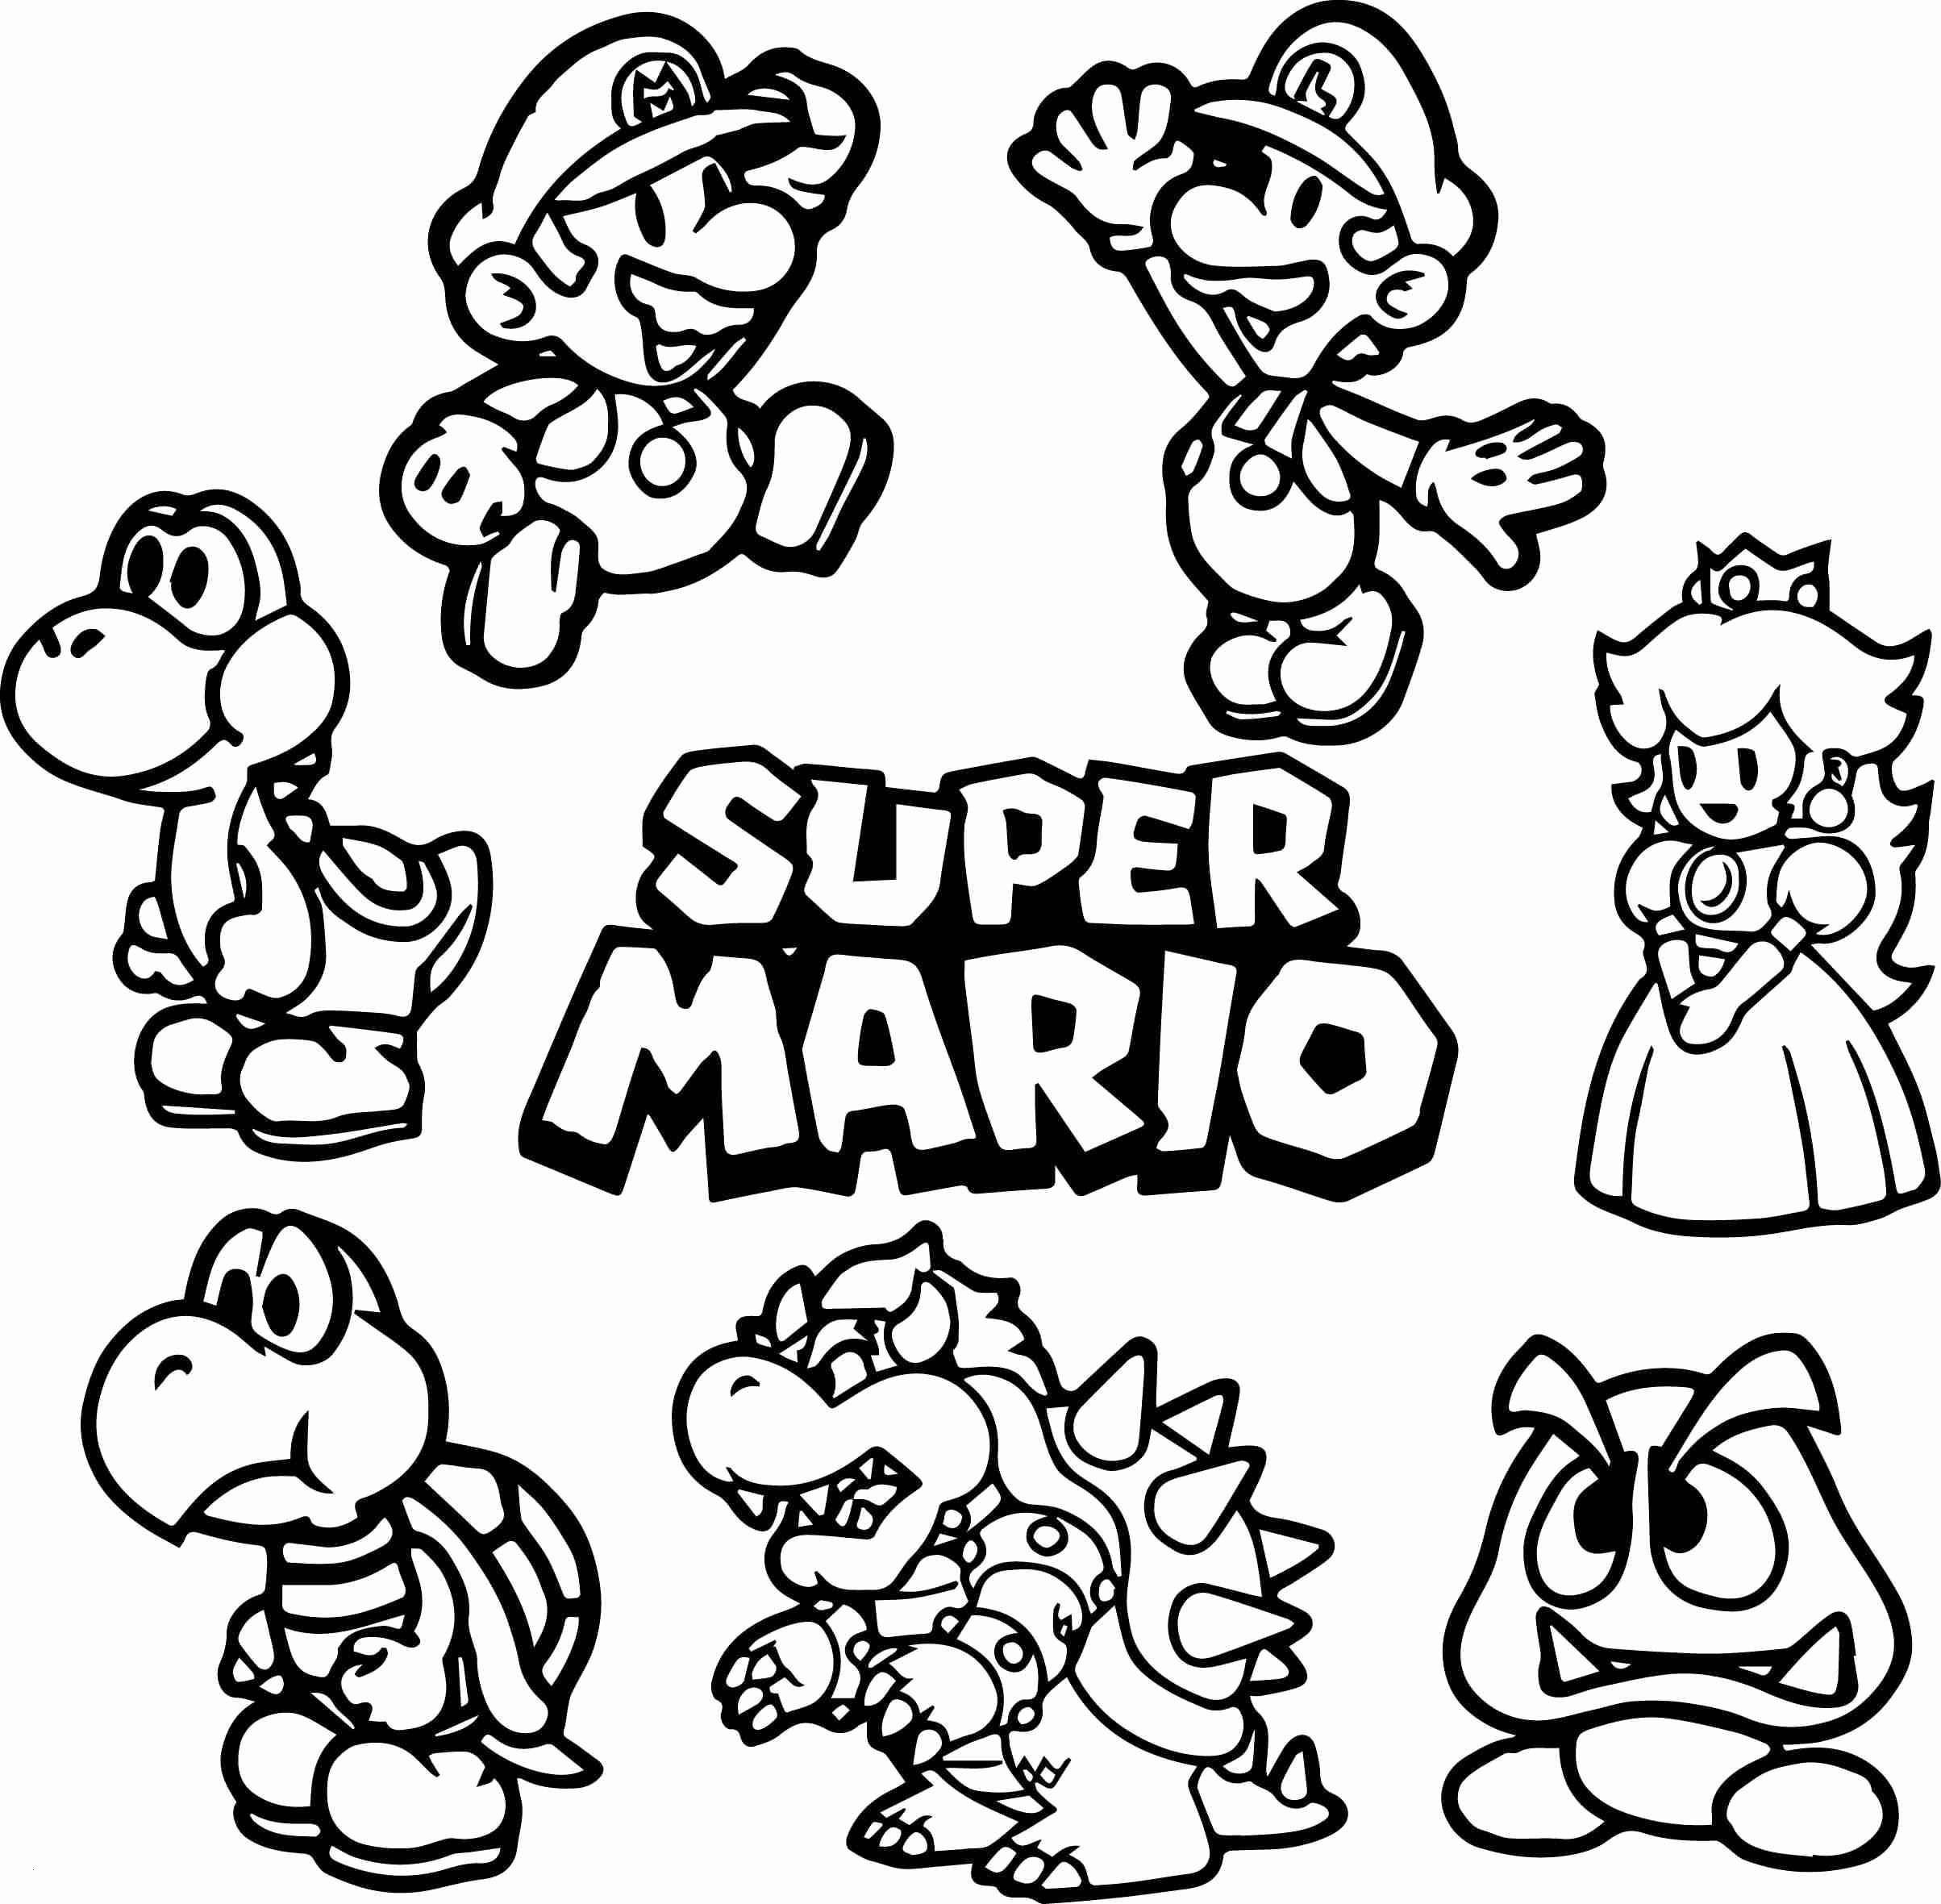 Super Mario Malvorlagen Neu 37 Super Mario Kart Ausmalbilder Scoredatscore Schön Baby Mario Fotos